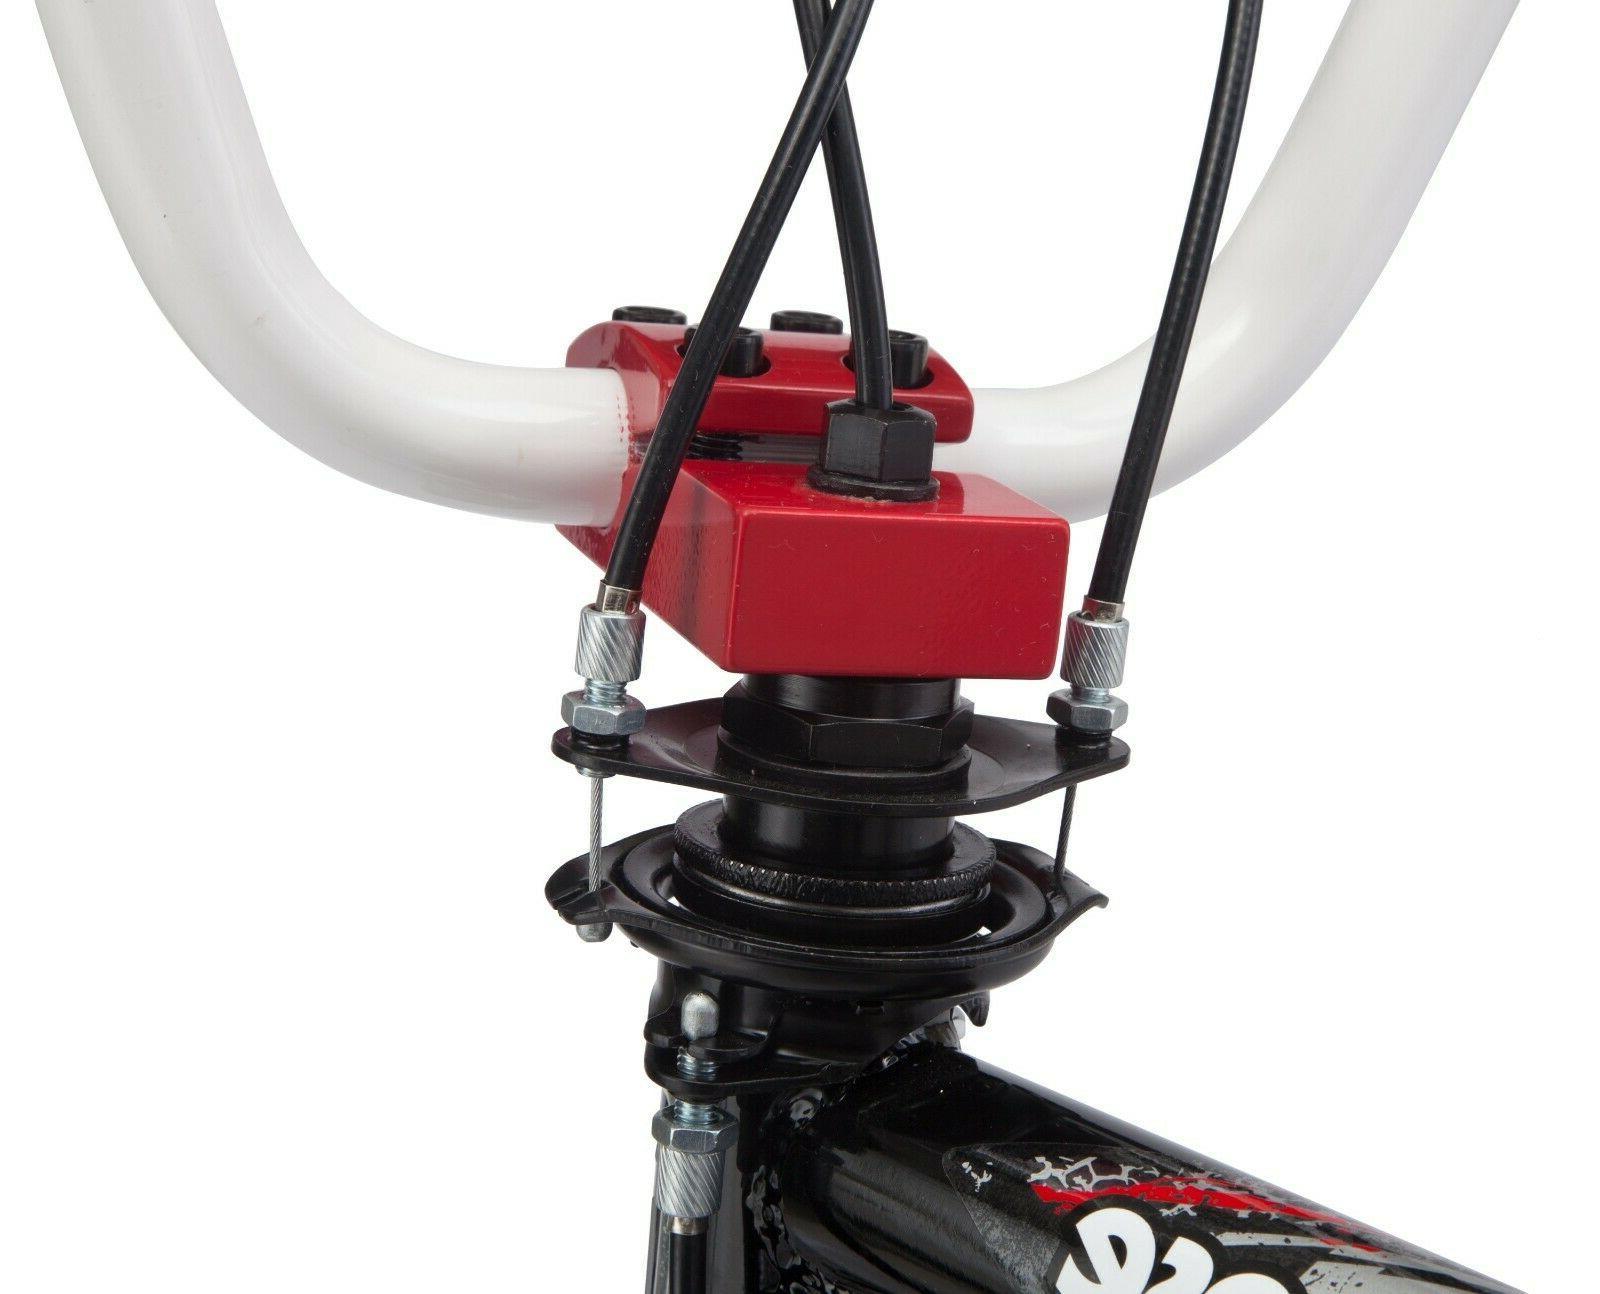 Mongoose Kids BMX Bicycle 20-inch Wheel Black White